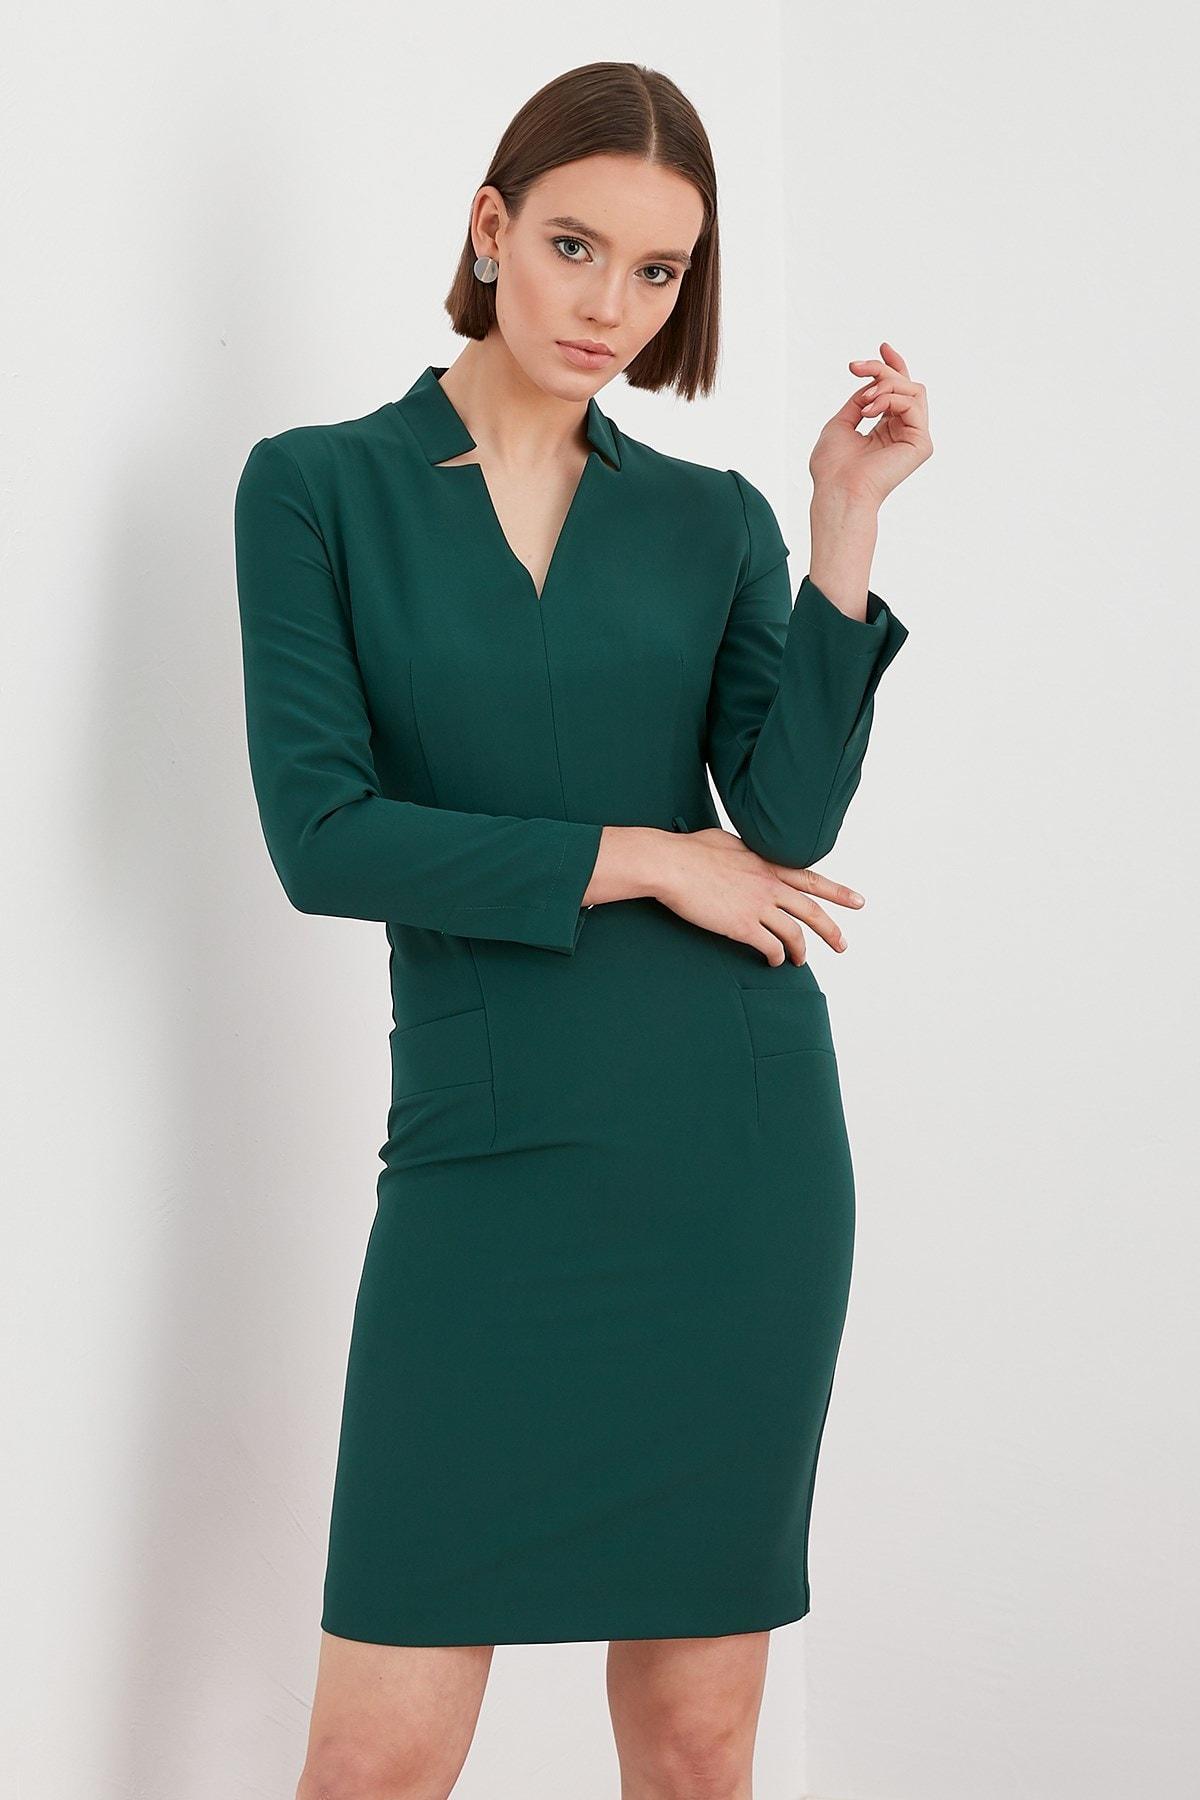 Journey Kadın Yeşil İçe Dönük Dik Yaka Bel Deri Kemer Detaylı Uzun Kol Kalem Elbise 19KELB427